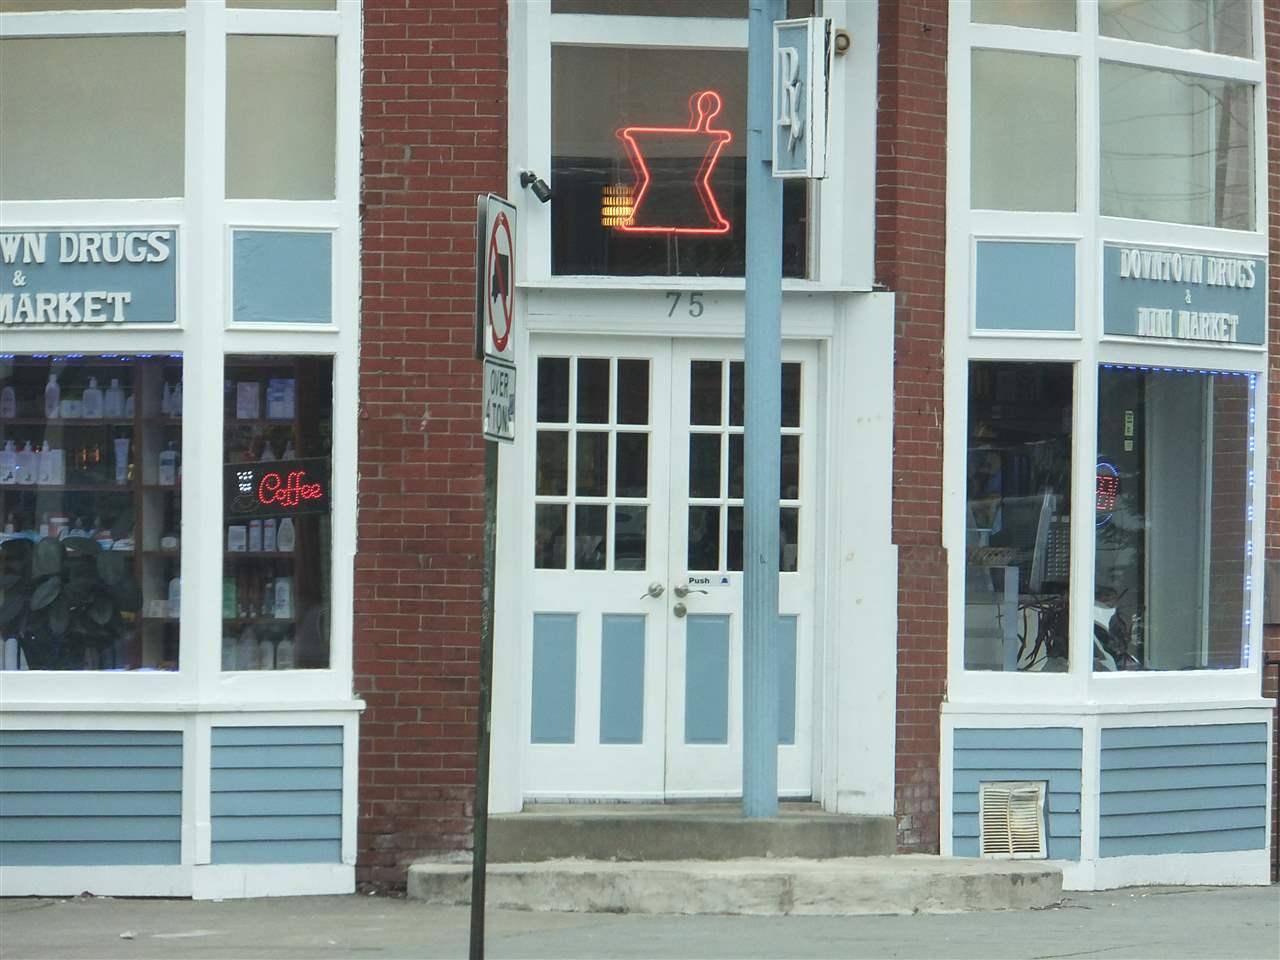 75 BRIGHT ST, JC, Downtown, NJ 07302